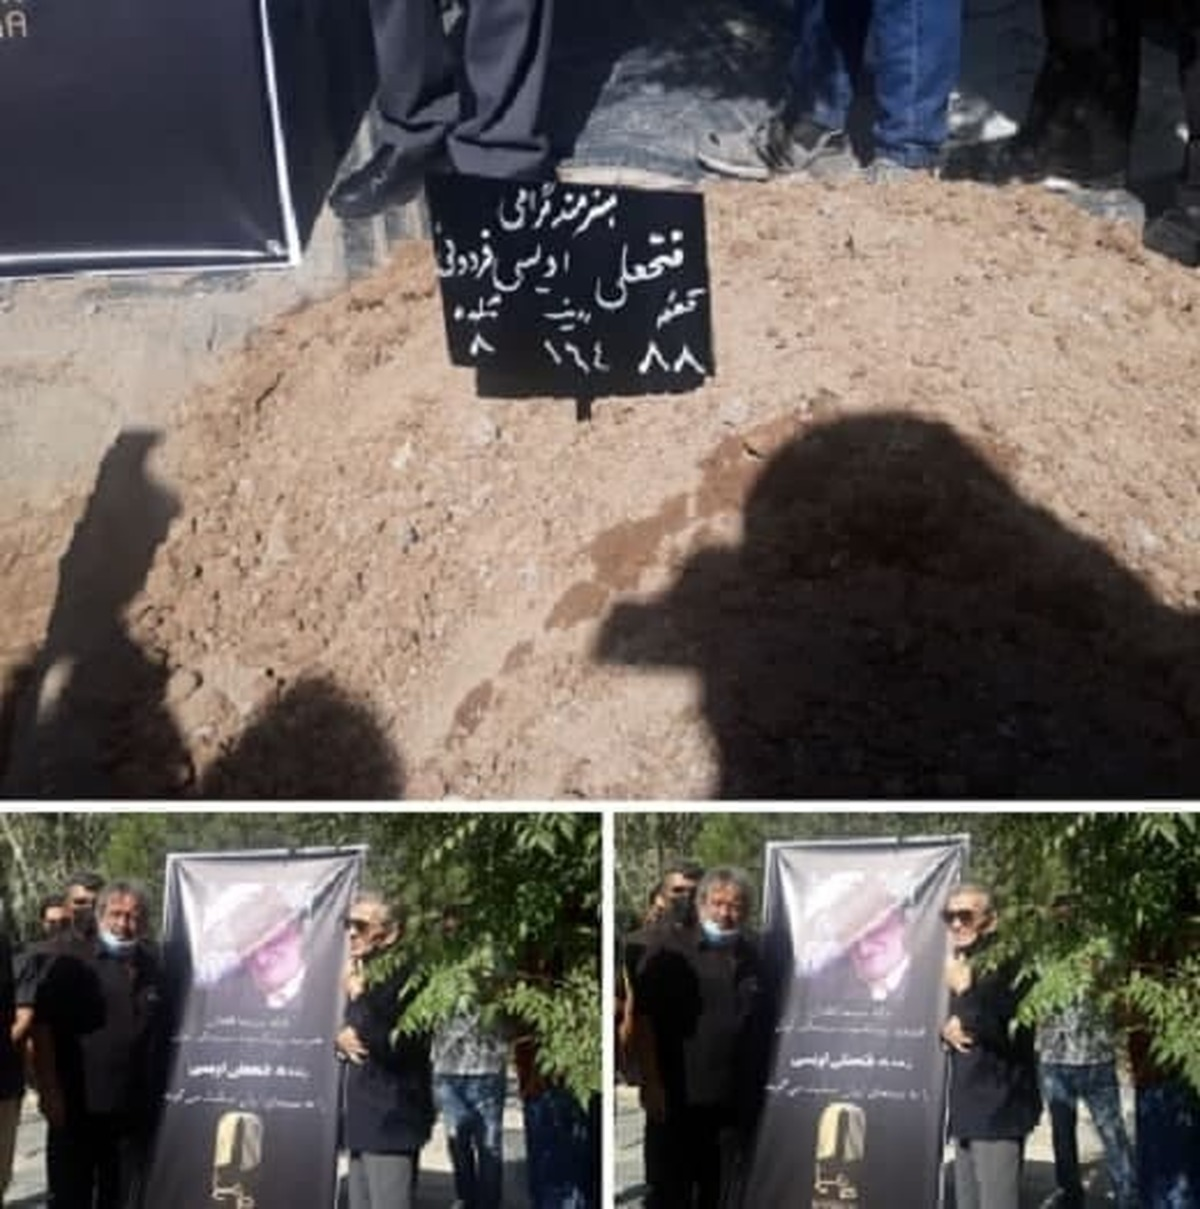 مراسم تشییع و تدفین پیکر فتحعلی اویسی برگزار شد